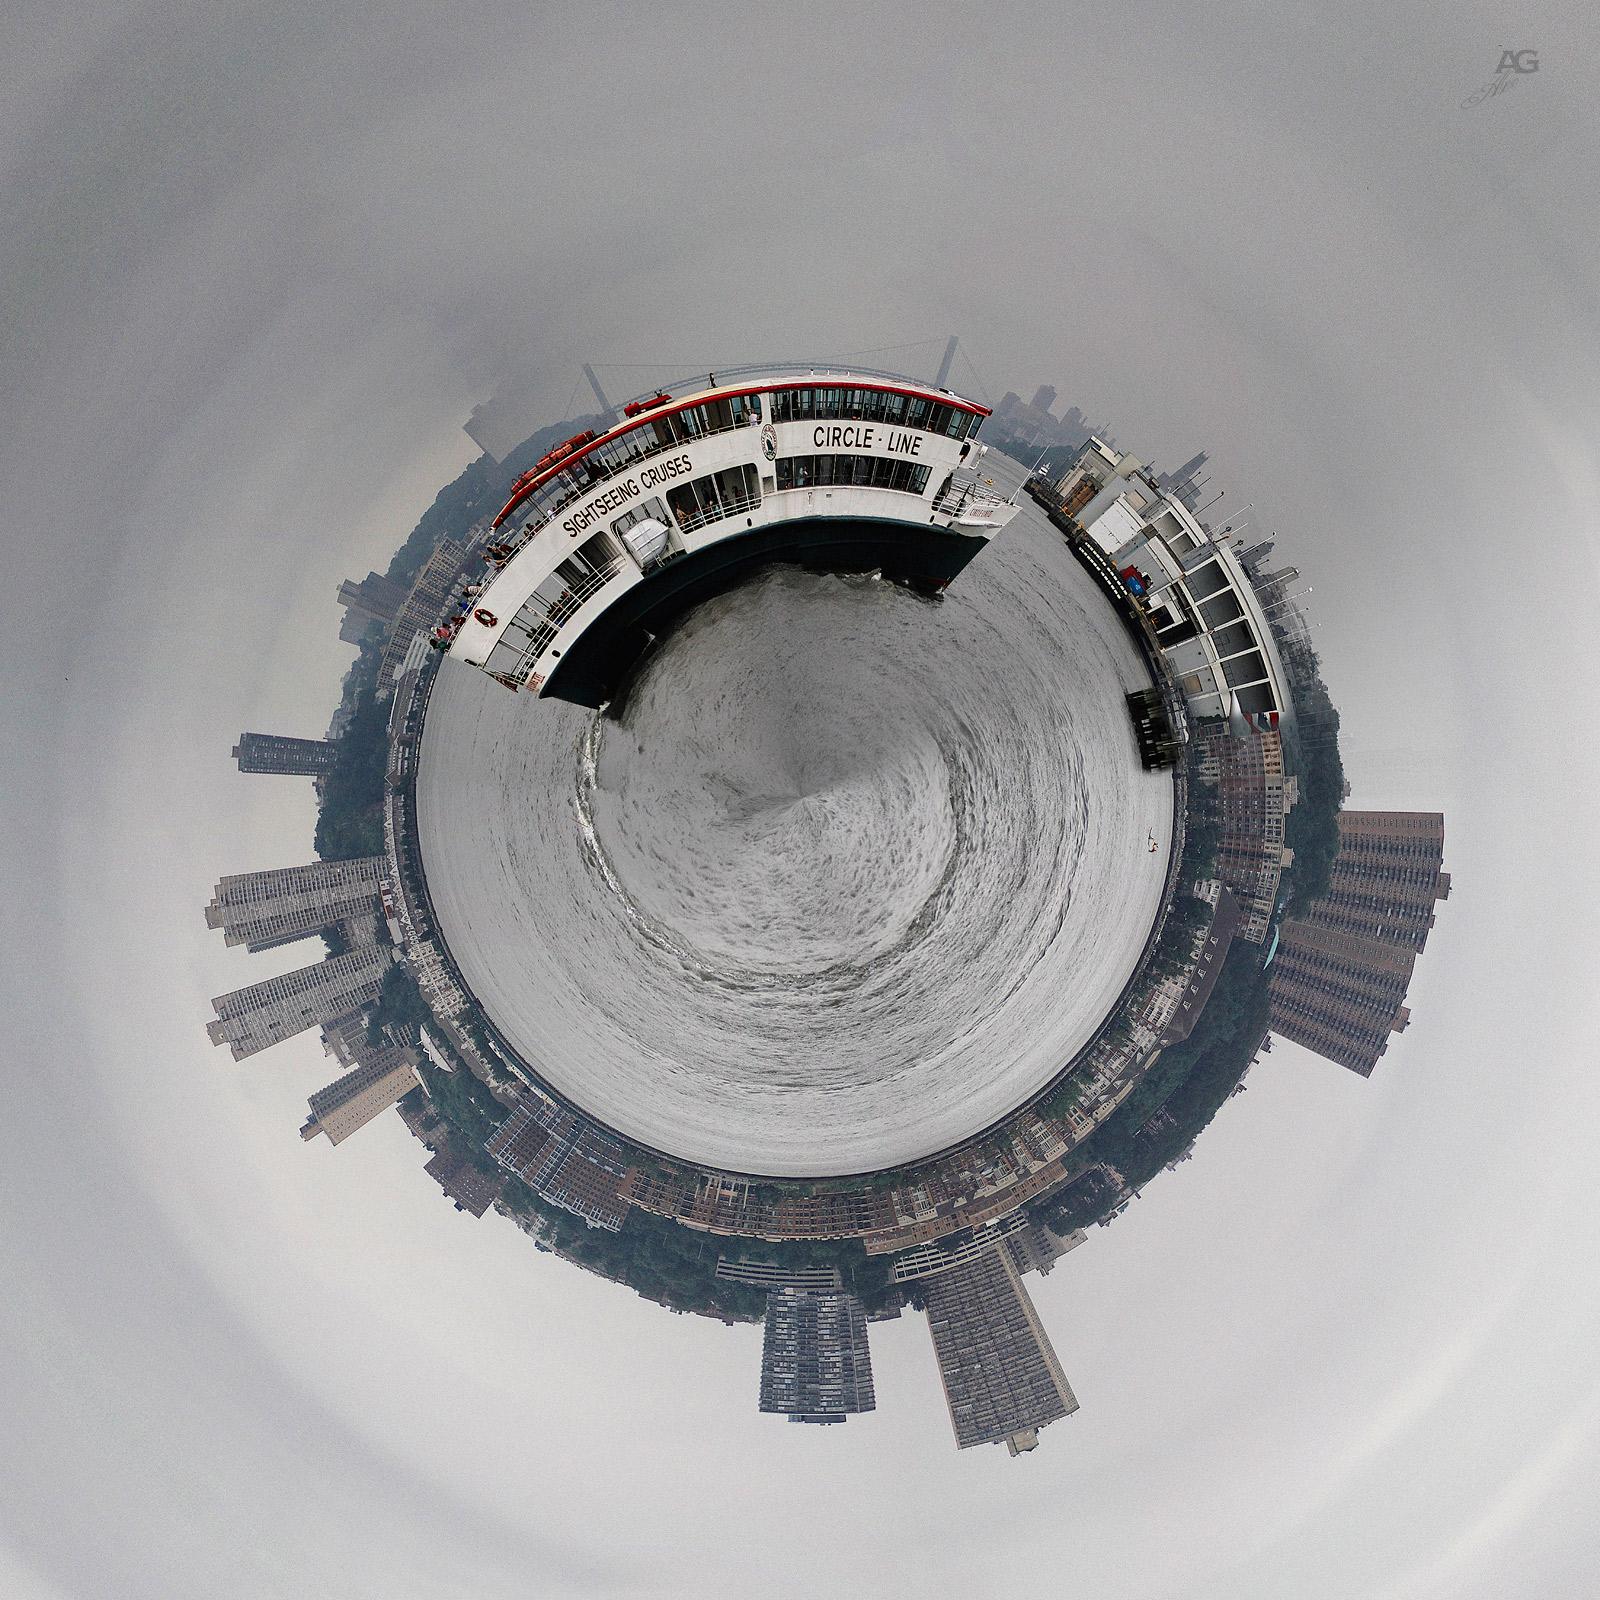 CircleLineBoatOnHudson_POLAR_1600